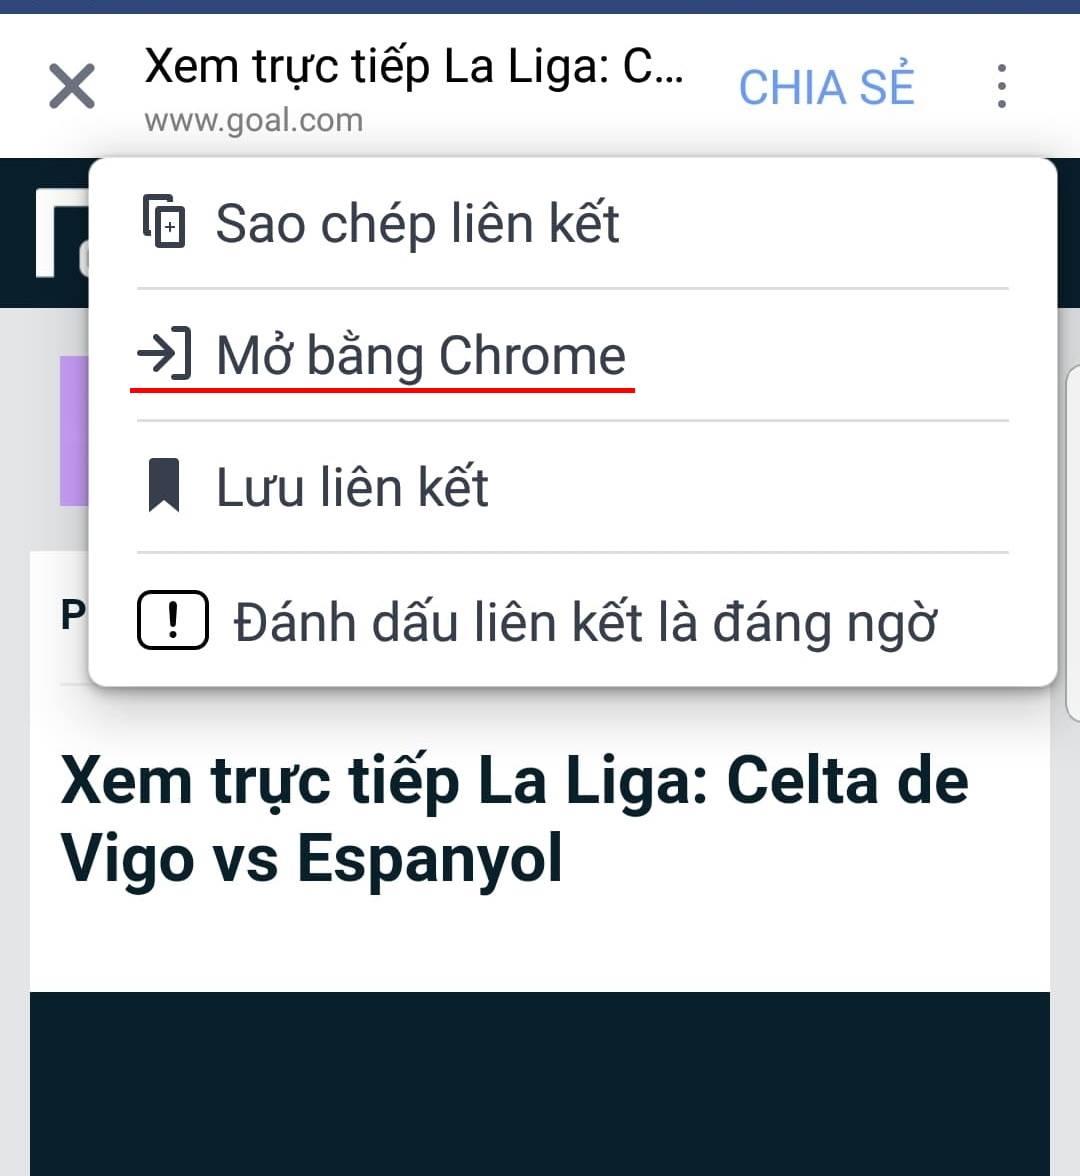 Cách xem trực tiếp Barca và Real Madrid trên trang Goal Việt Nam